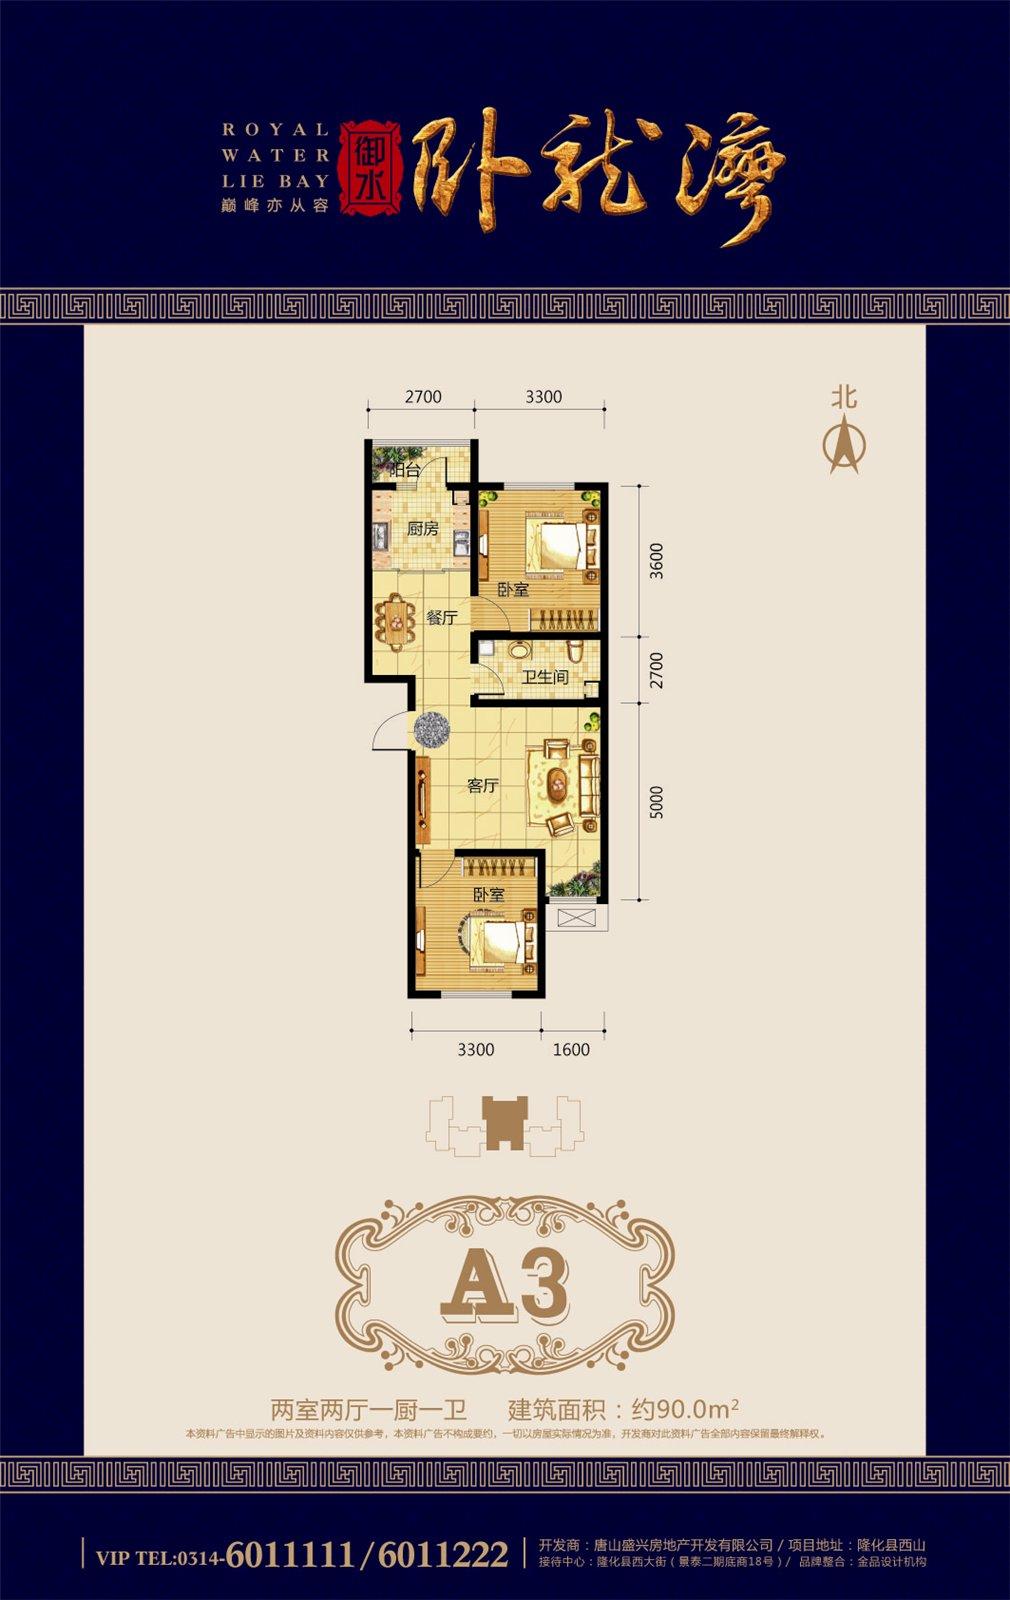 梯形楼房设计图农村展示